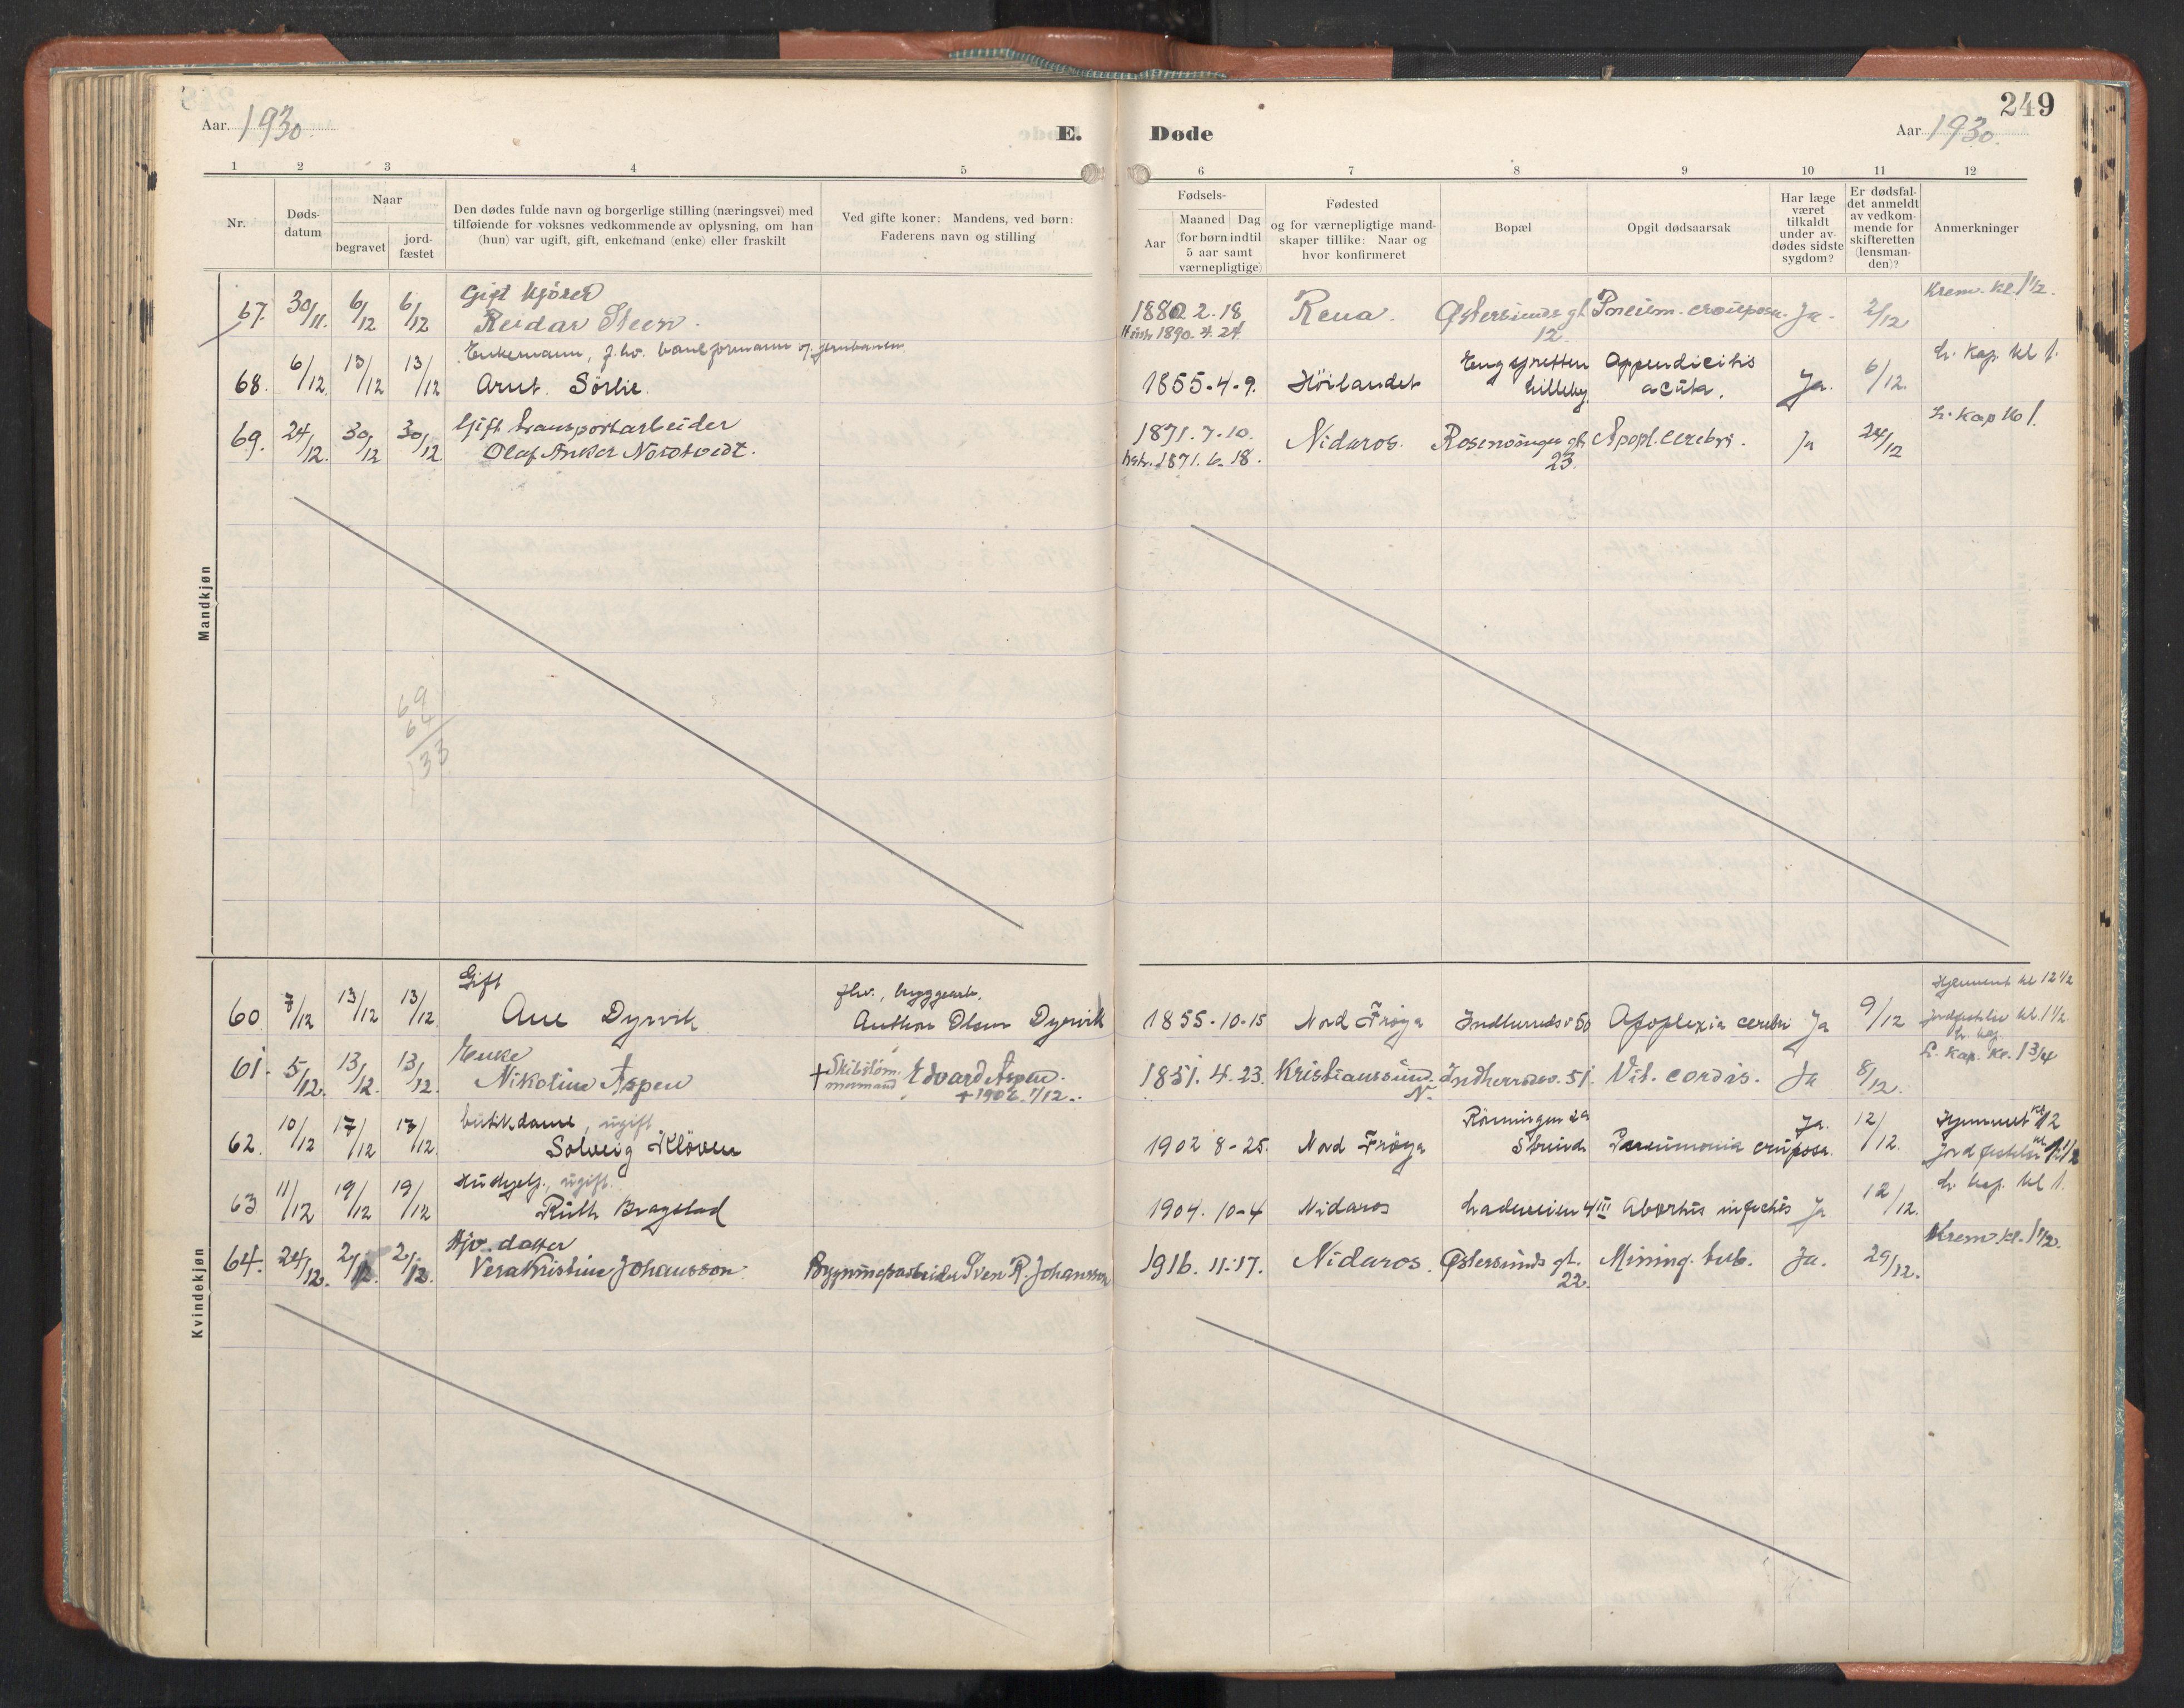 SAT, Ministerialprotokoller, klokkerbøker og fødselsregistre - Sør-Trøndelag, 605/L0245: Ministerialbok nr. 605A07, 1916-1938, s. 249